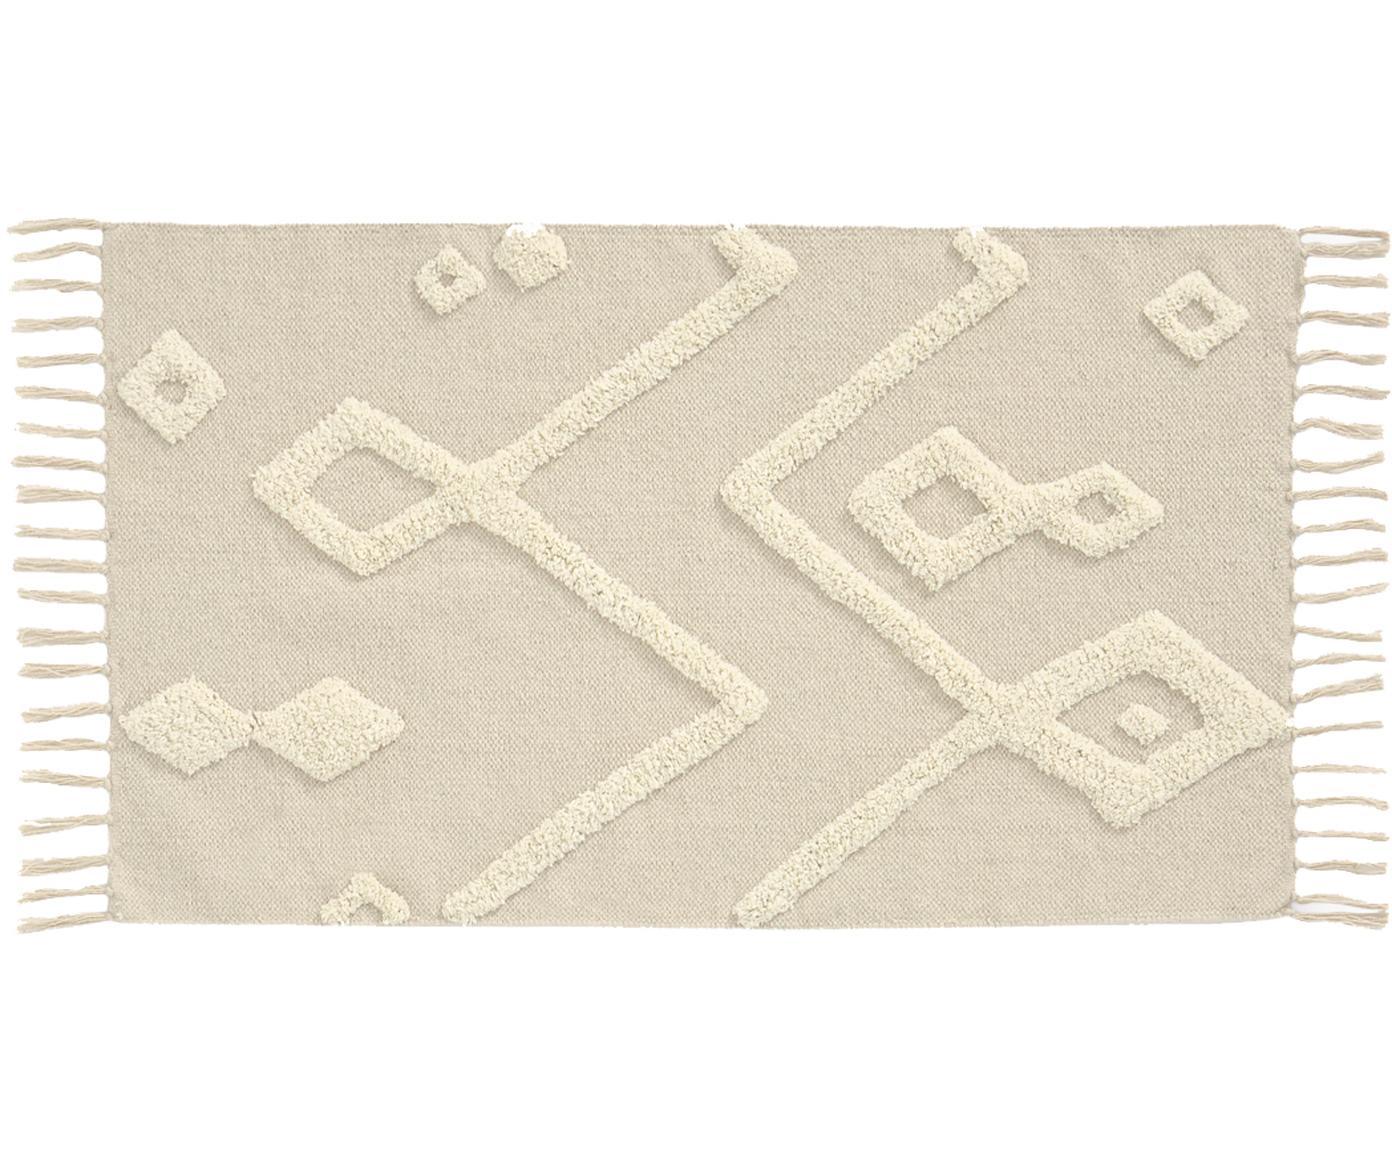 Teppich Canvas mit getufteter Verzierung, 100% Baumwolle, Gebrochenes Weiß, B 60 x L 90 cm (Größe XXS)